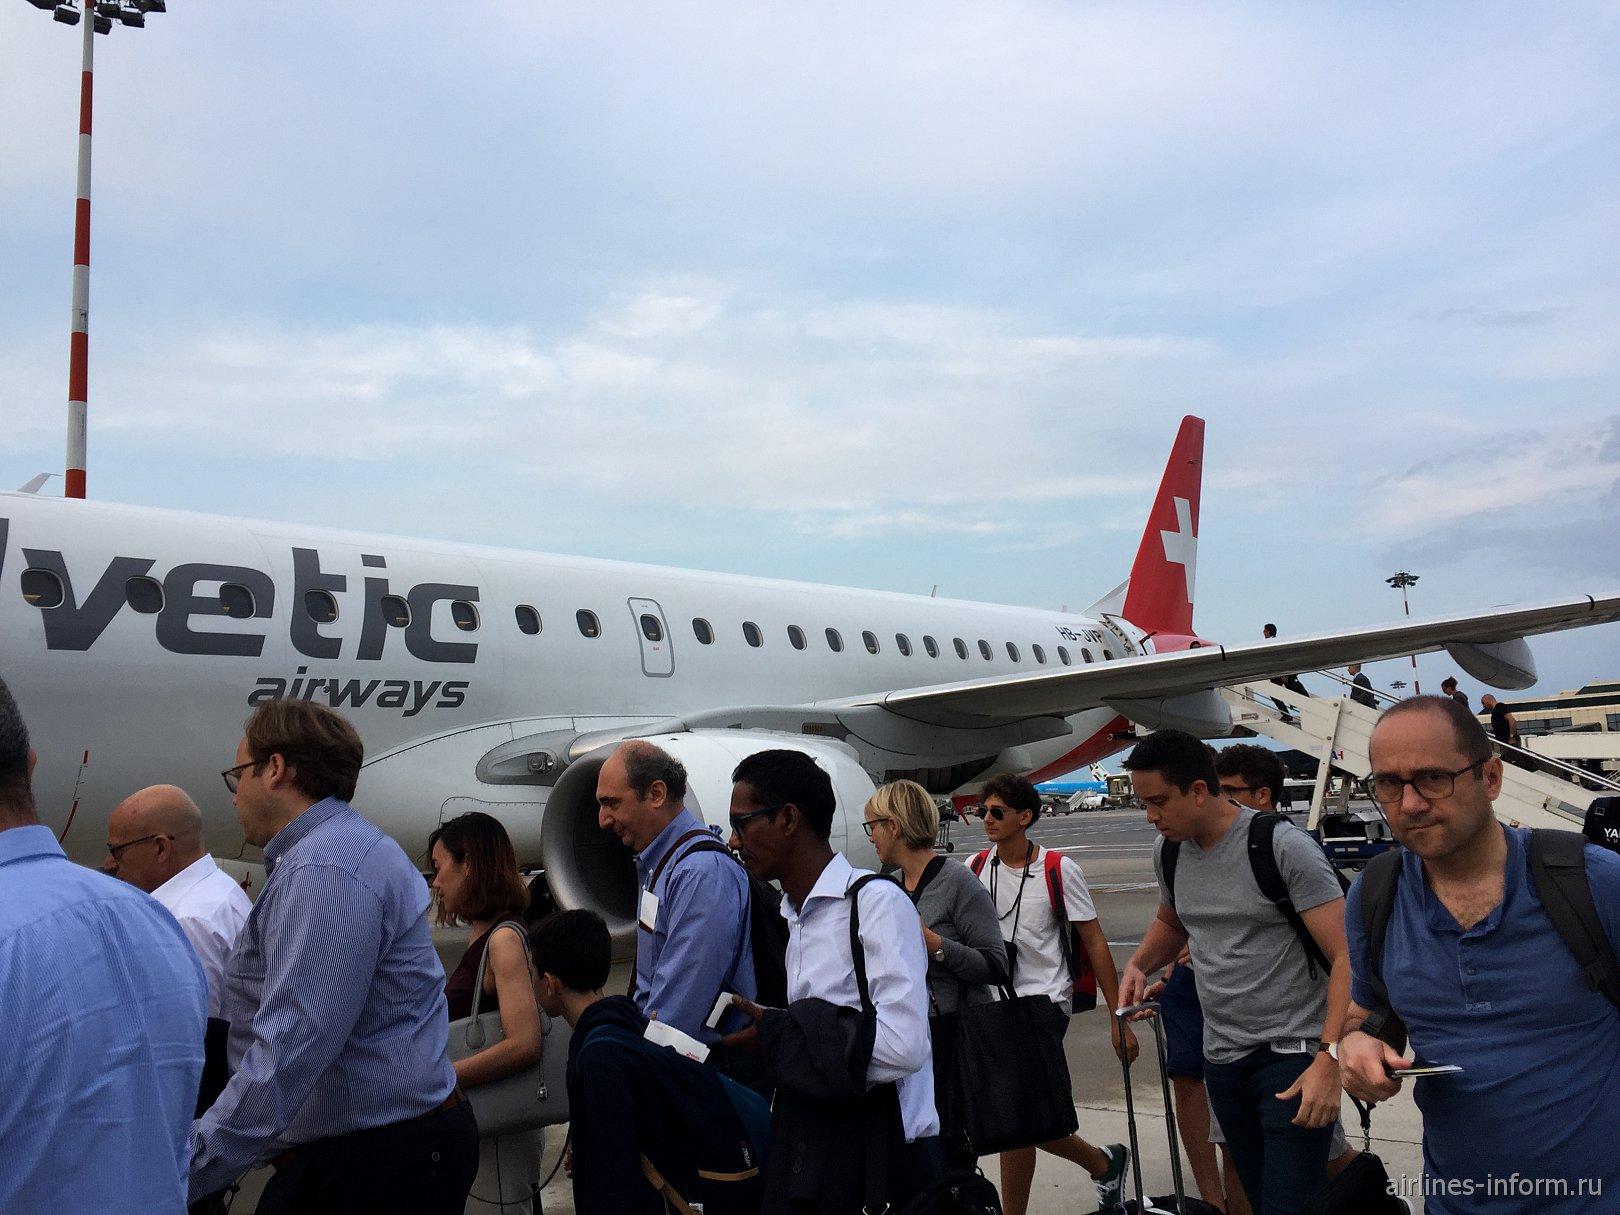 «Из немецко-итальянских записок..». Часть 3: Милан - Цюрих с Helvetic Airways: подстава от Eurowings и внеплановый заезд в Швейцарию